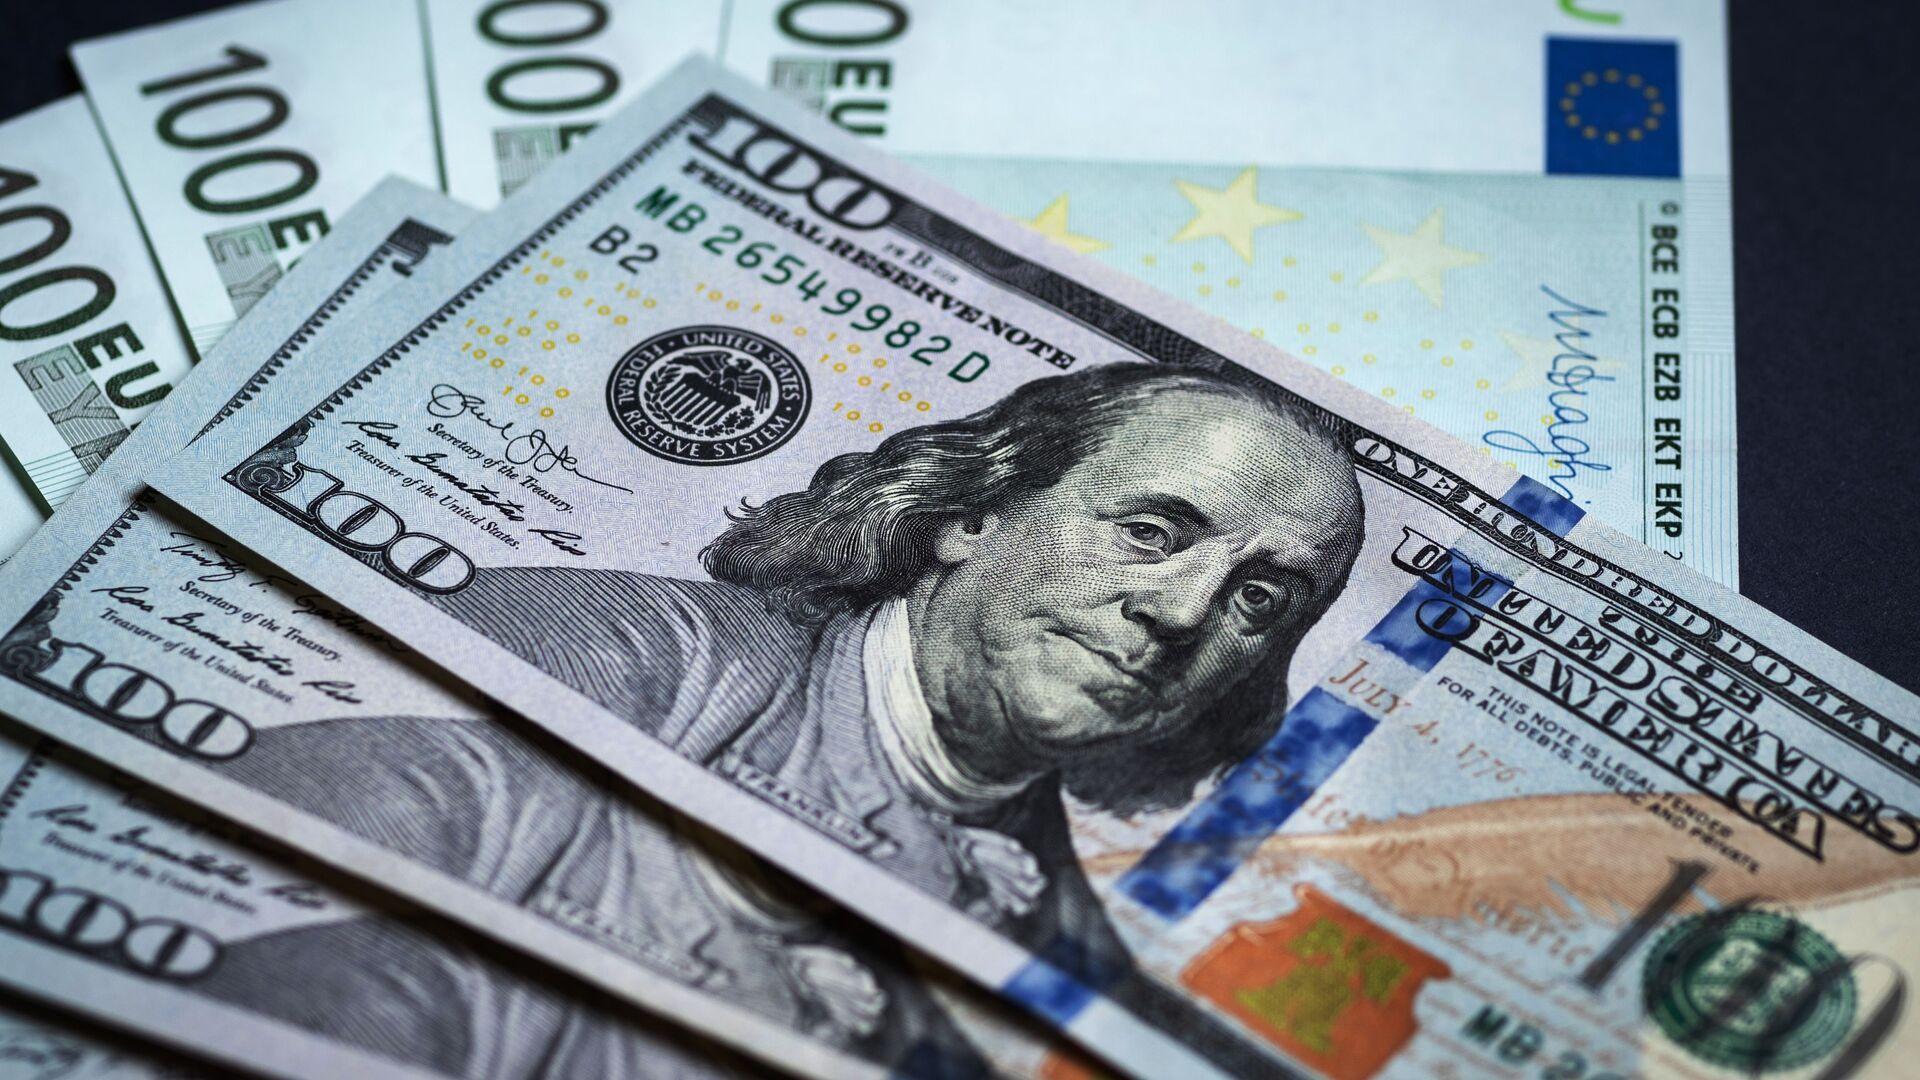 Денежные купюры: евро и доллары - Sputnik Беларусь, 1920, 25.05.2021